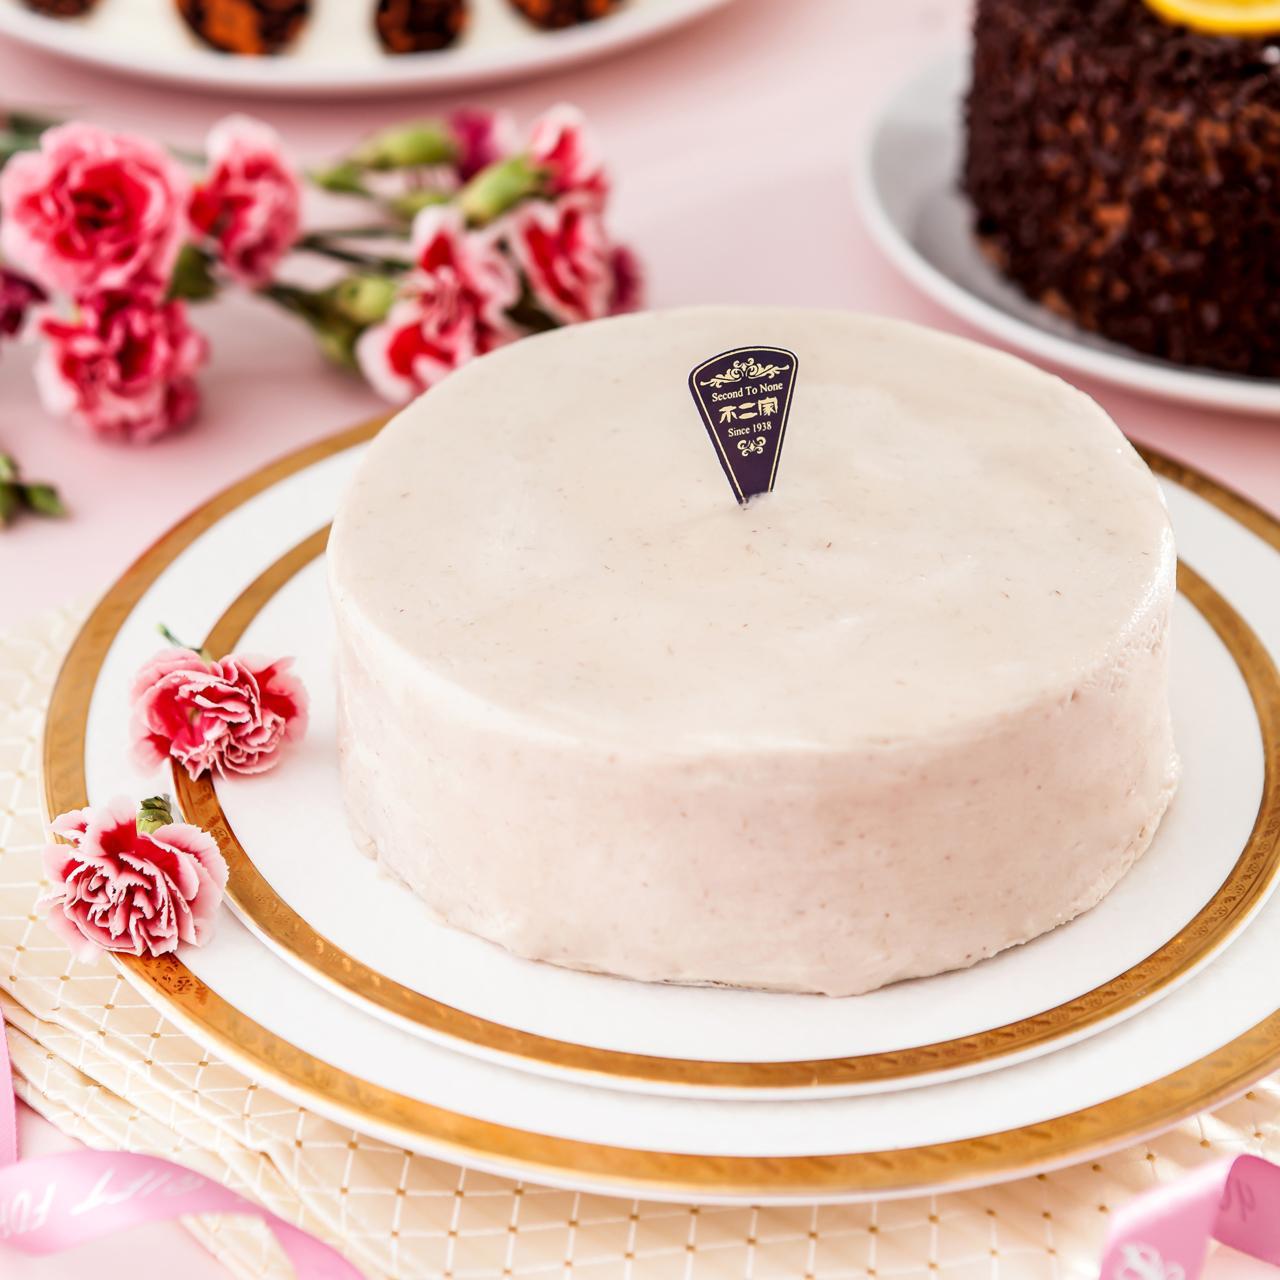 [超人氣經典]6吋真濃芋重乳酪蛋糕[不二緻果 原高雄不二家]港都80年老店